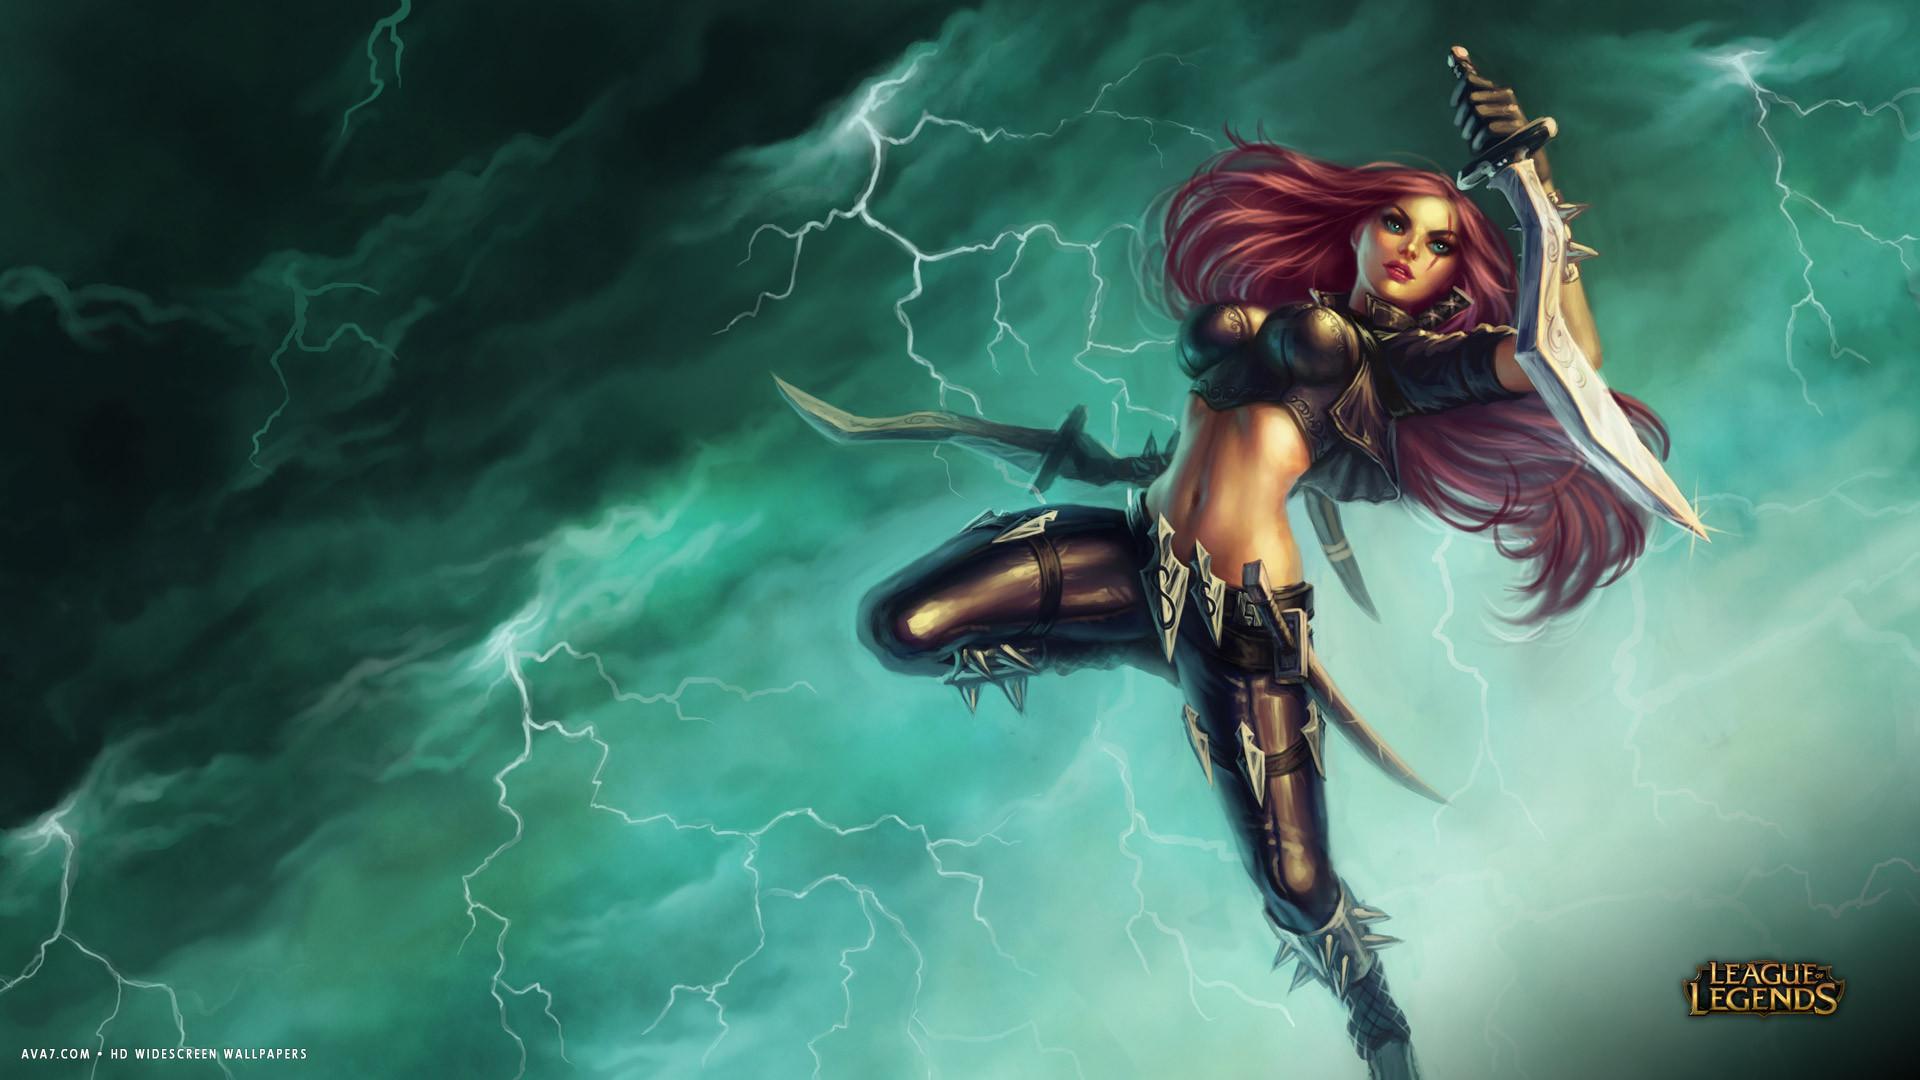 League Of Legends Game Lol Katarina Girl Hd Widescreen Wallpaper